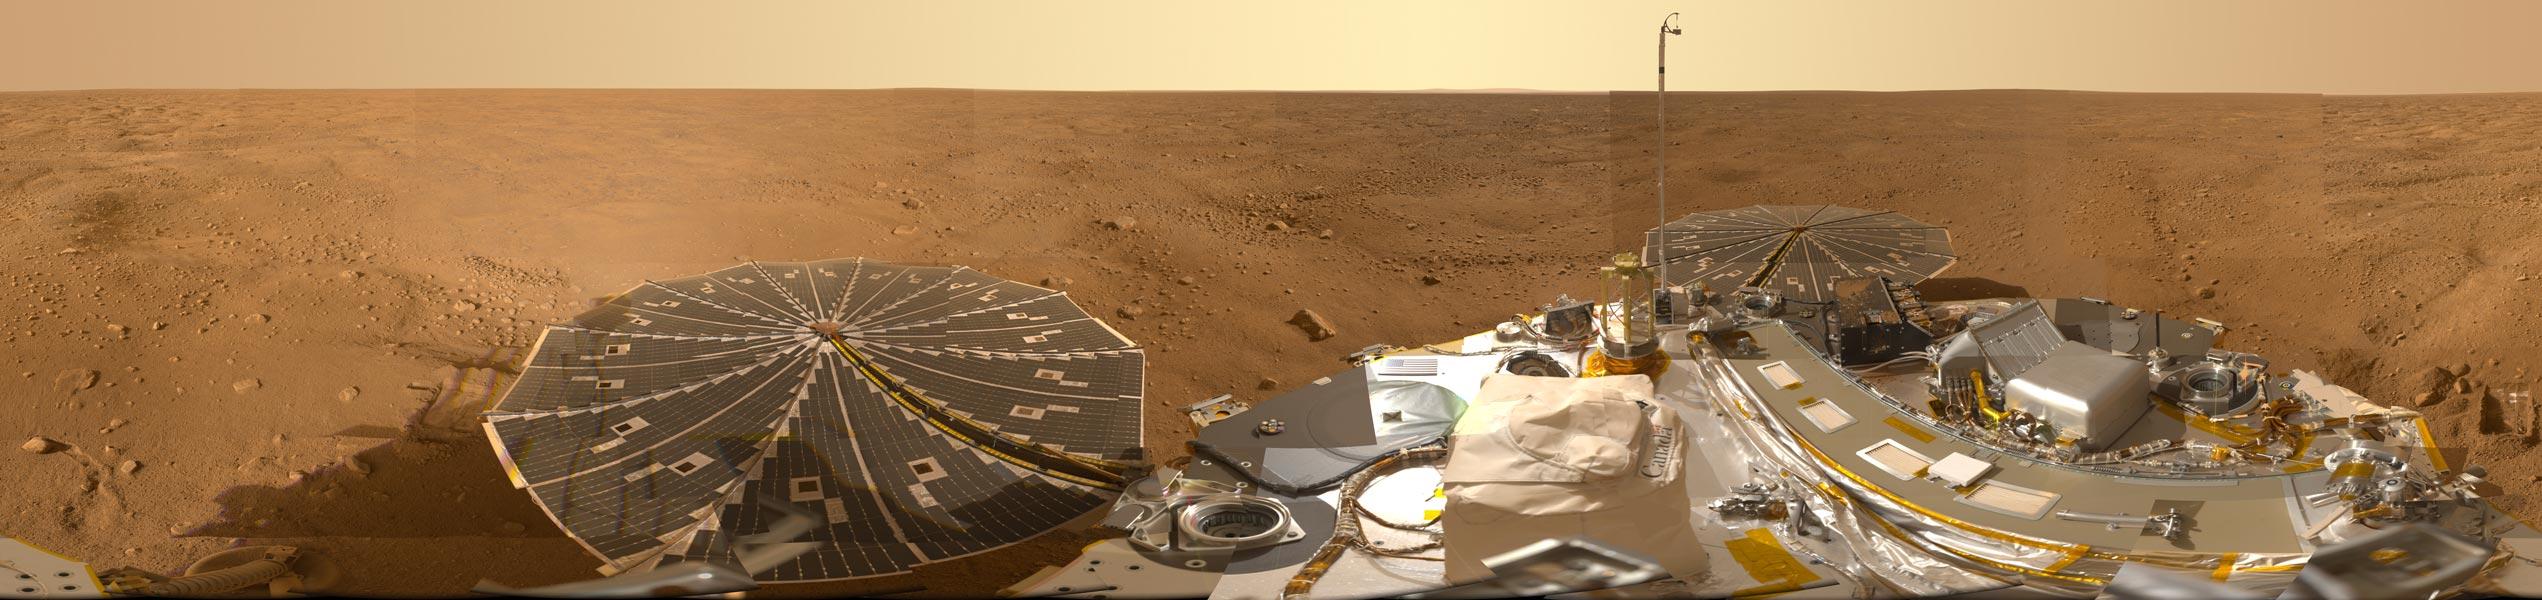 Le tour d\'horizon martien de Phoenix